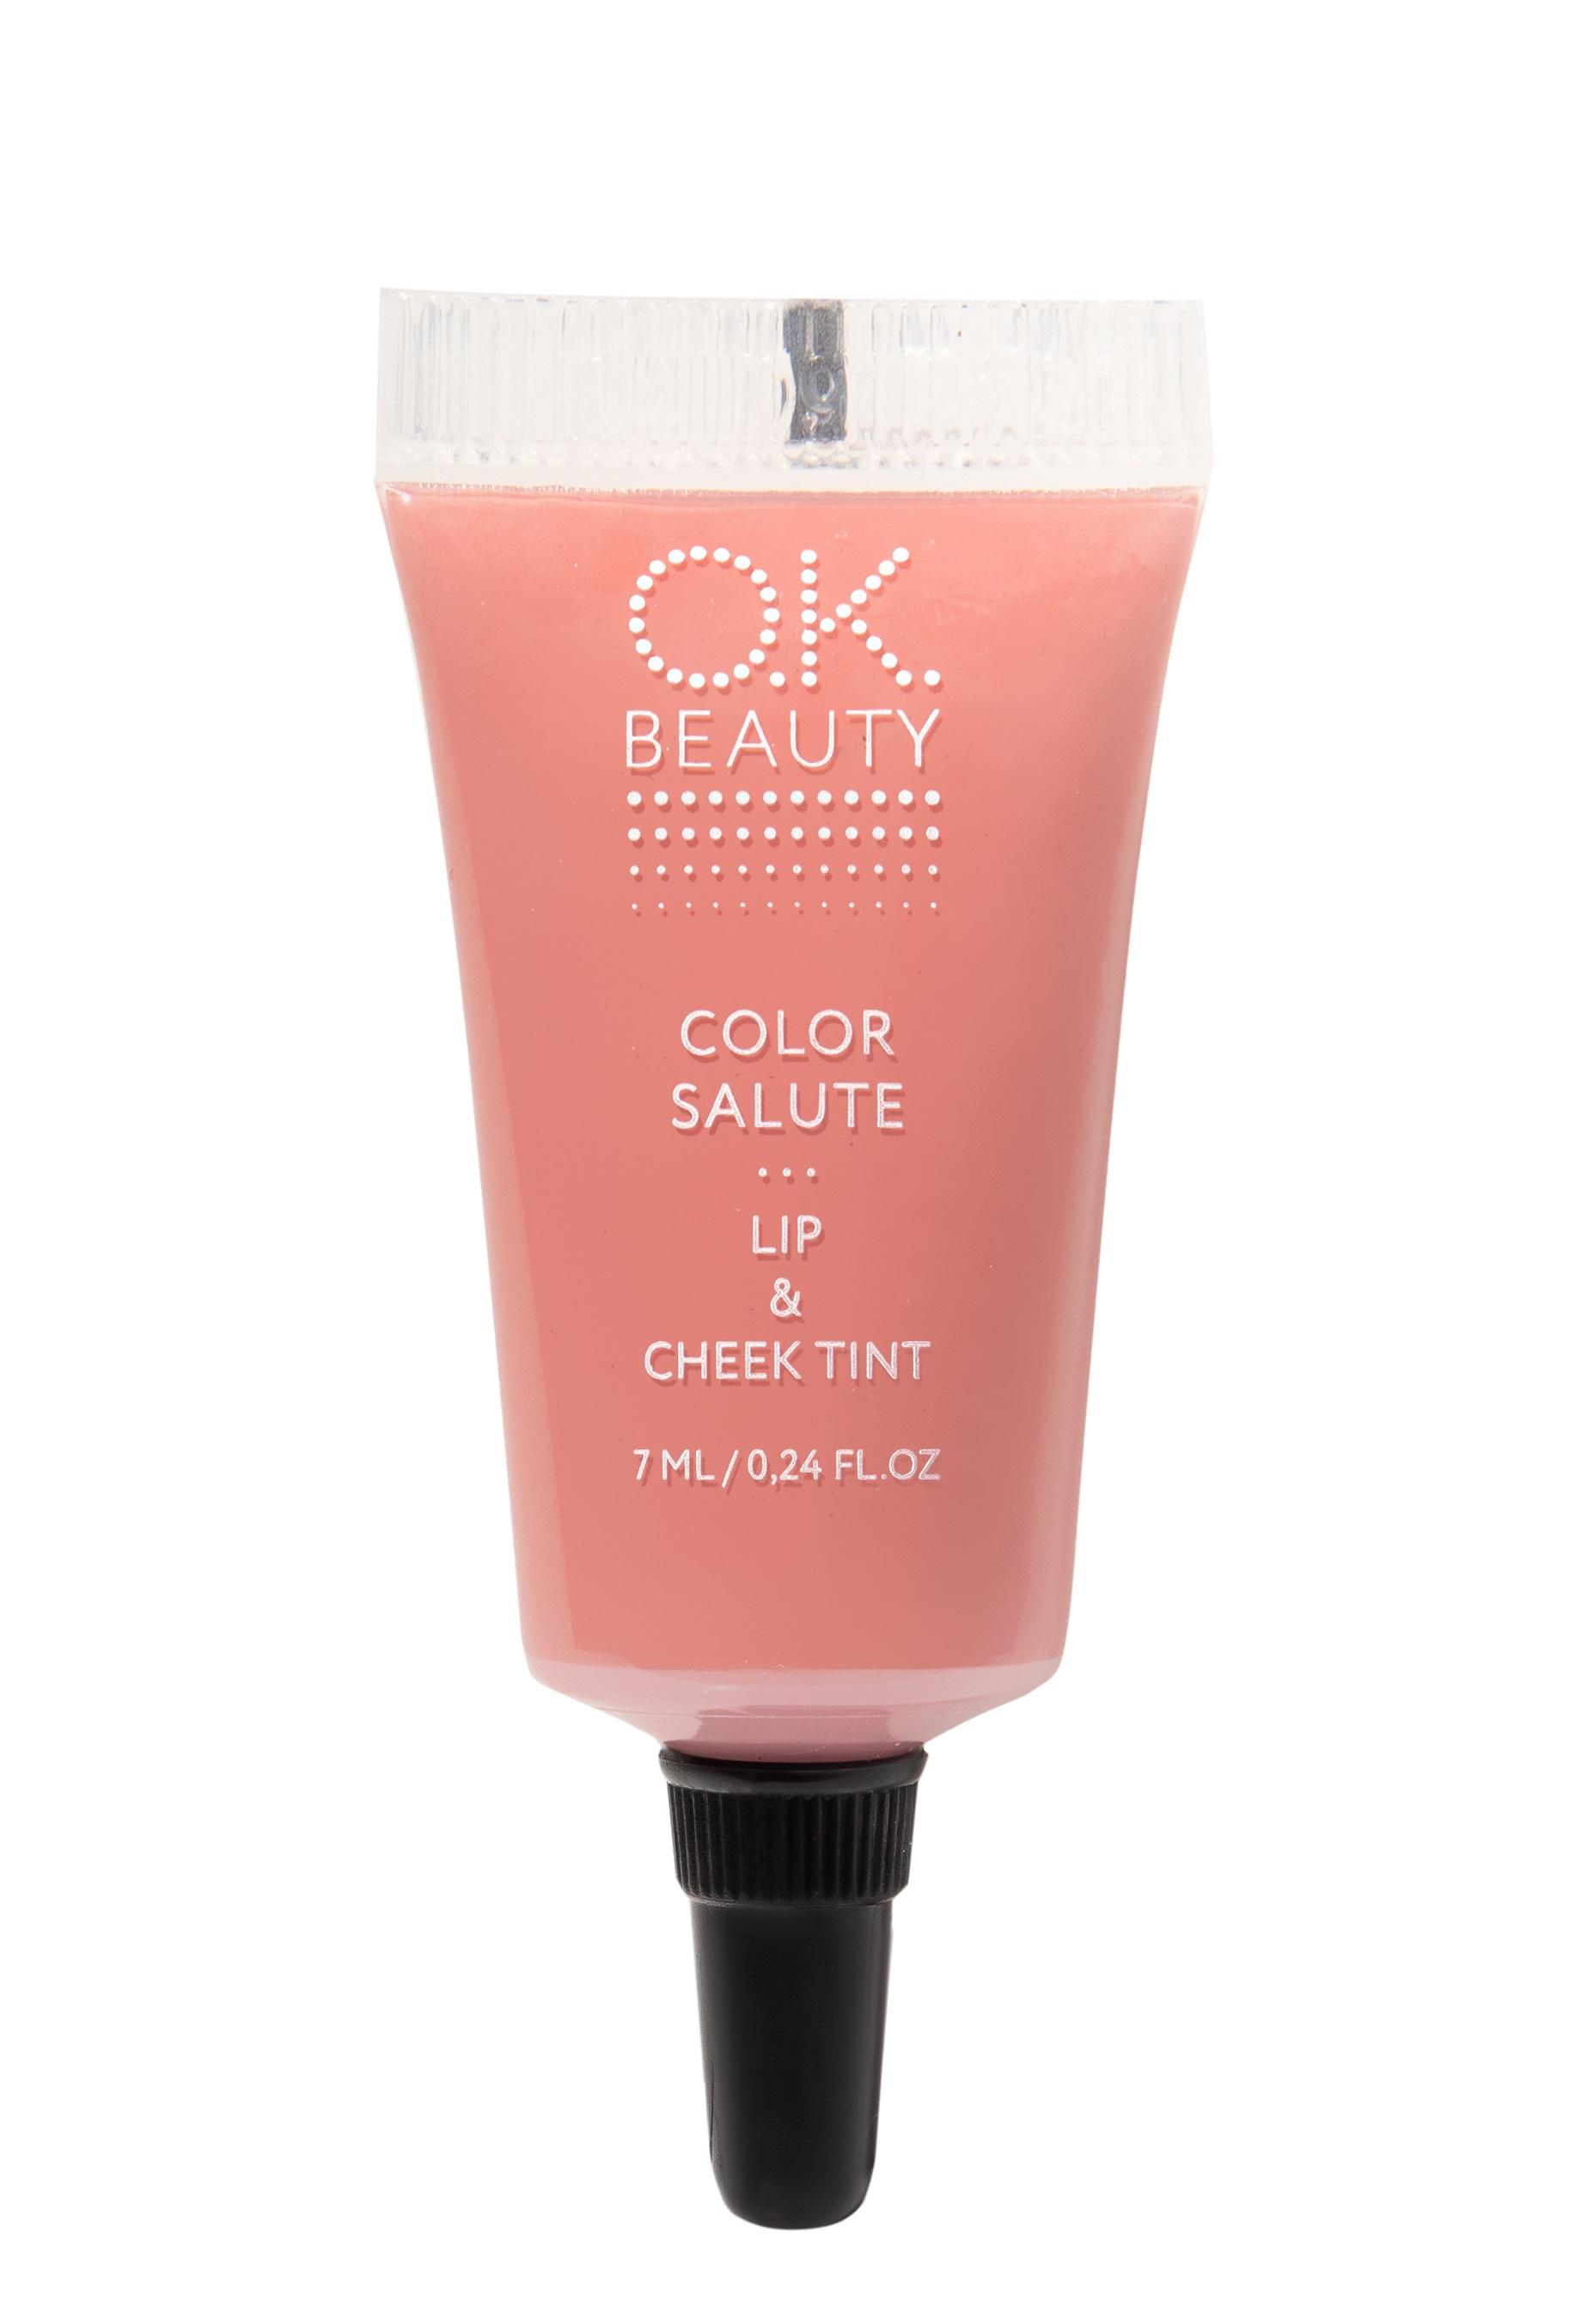 Купить OK BEAUTY Пигмент стойкий для губ и щек, Safari / COLOR SALUTE LIP & CHEEK TINT 7 мл